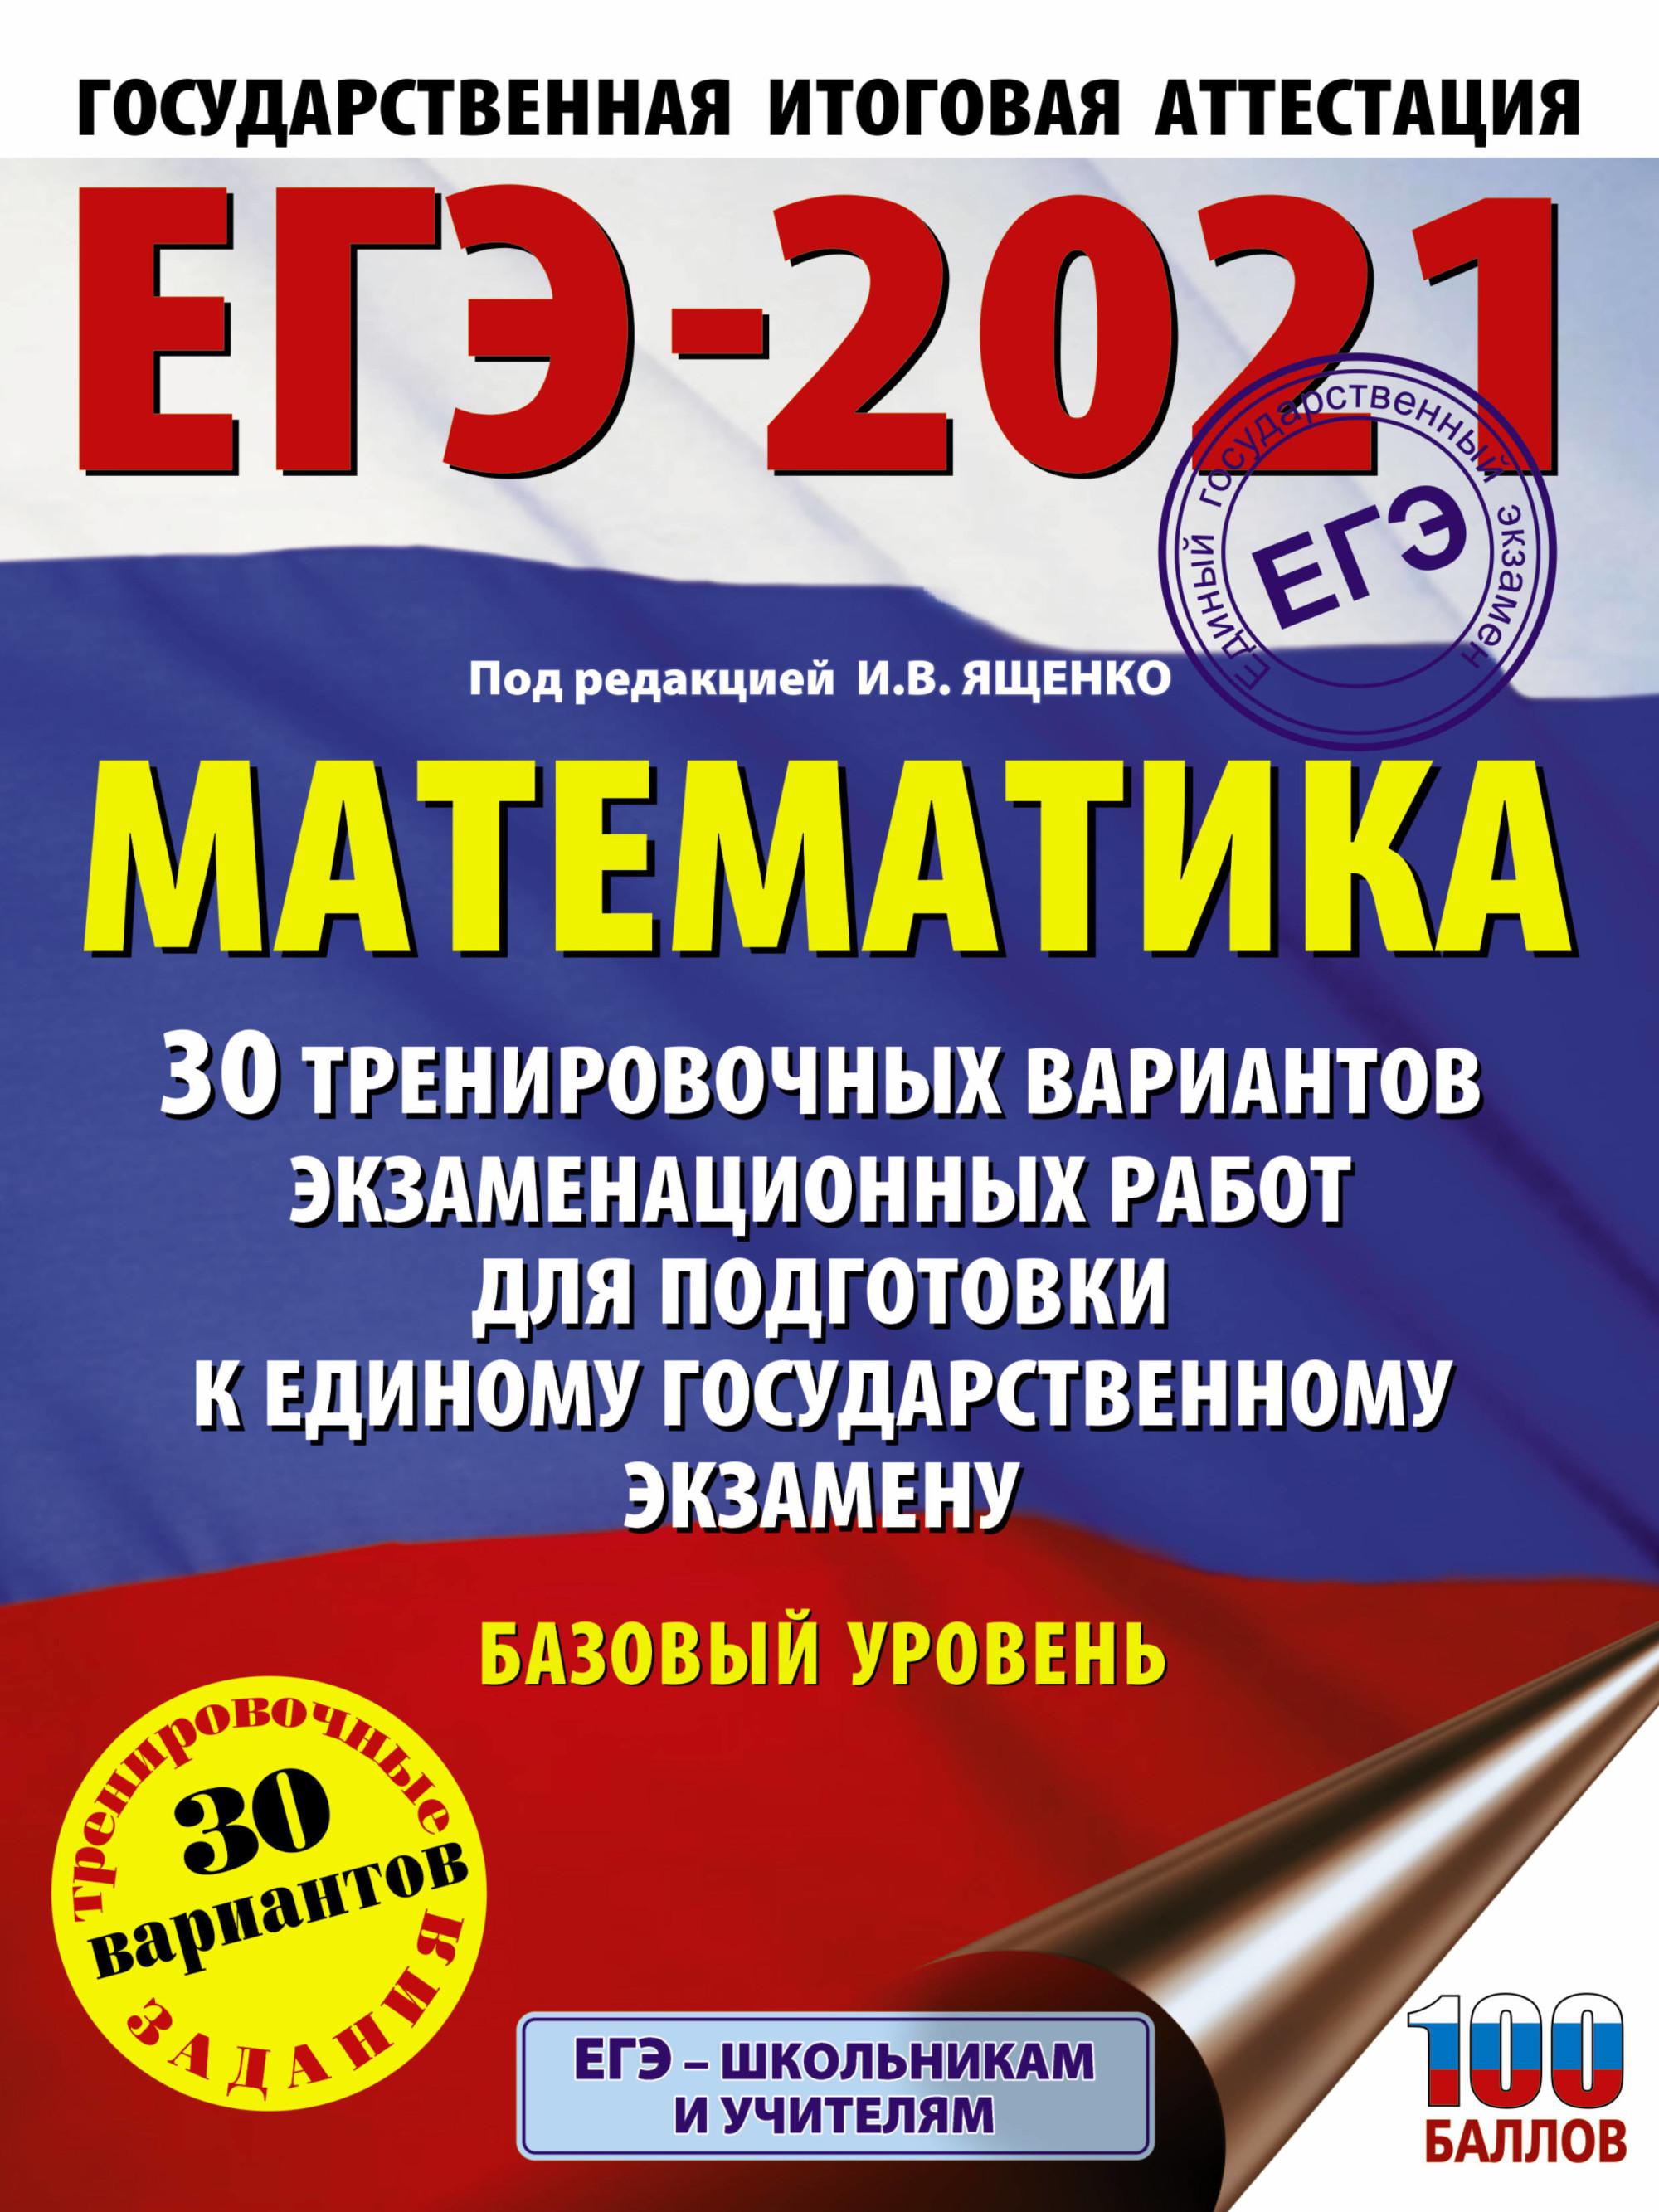 ЕГЭ-2021. Математика. Базовый уровень. 30 тренировочных вариантов экзаменац